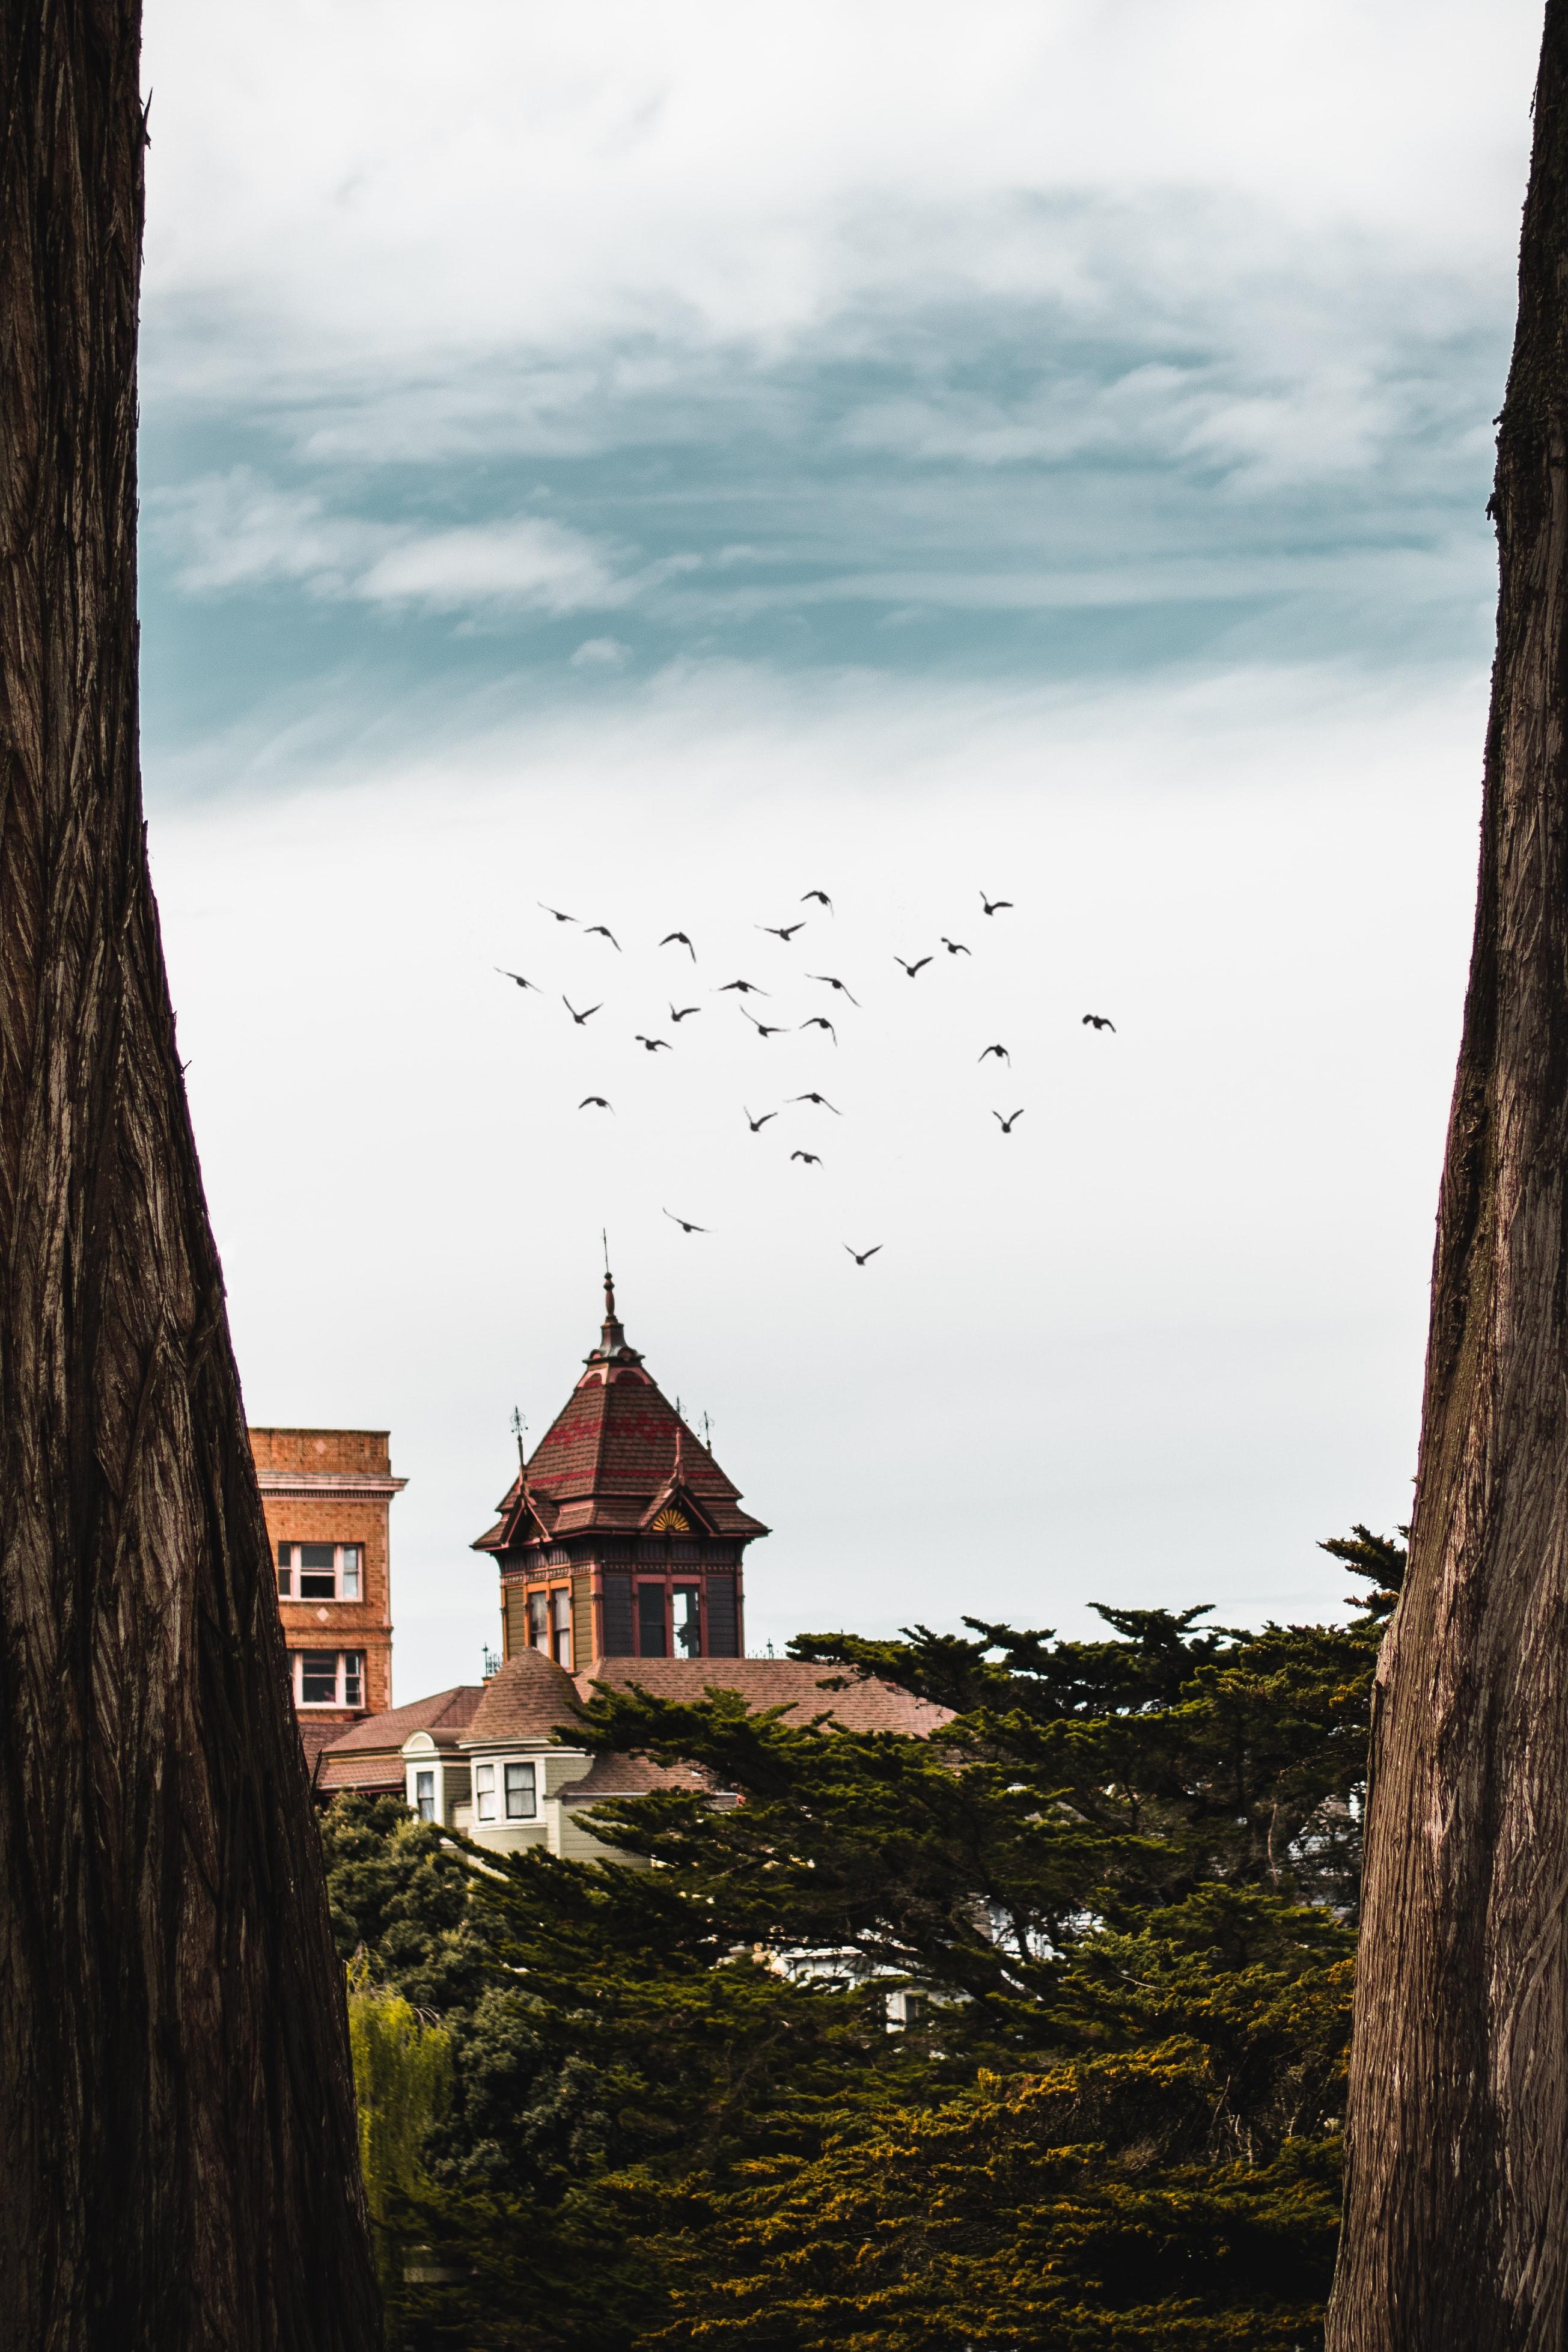 144818 скачать обои Деревья, Здания, Природа, Птицы - заставки и картинки бесплатно